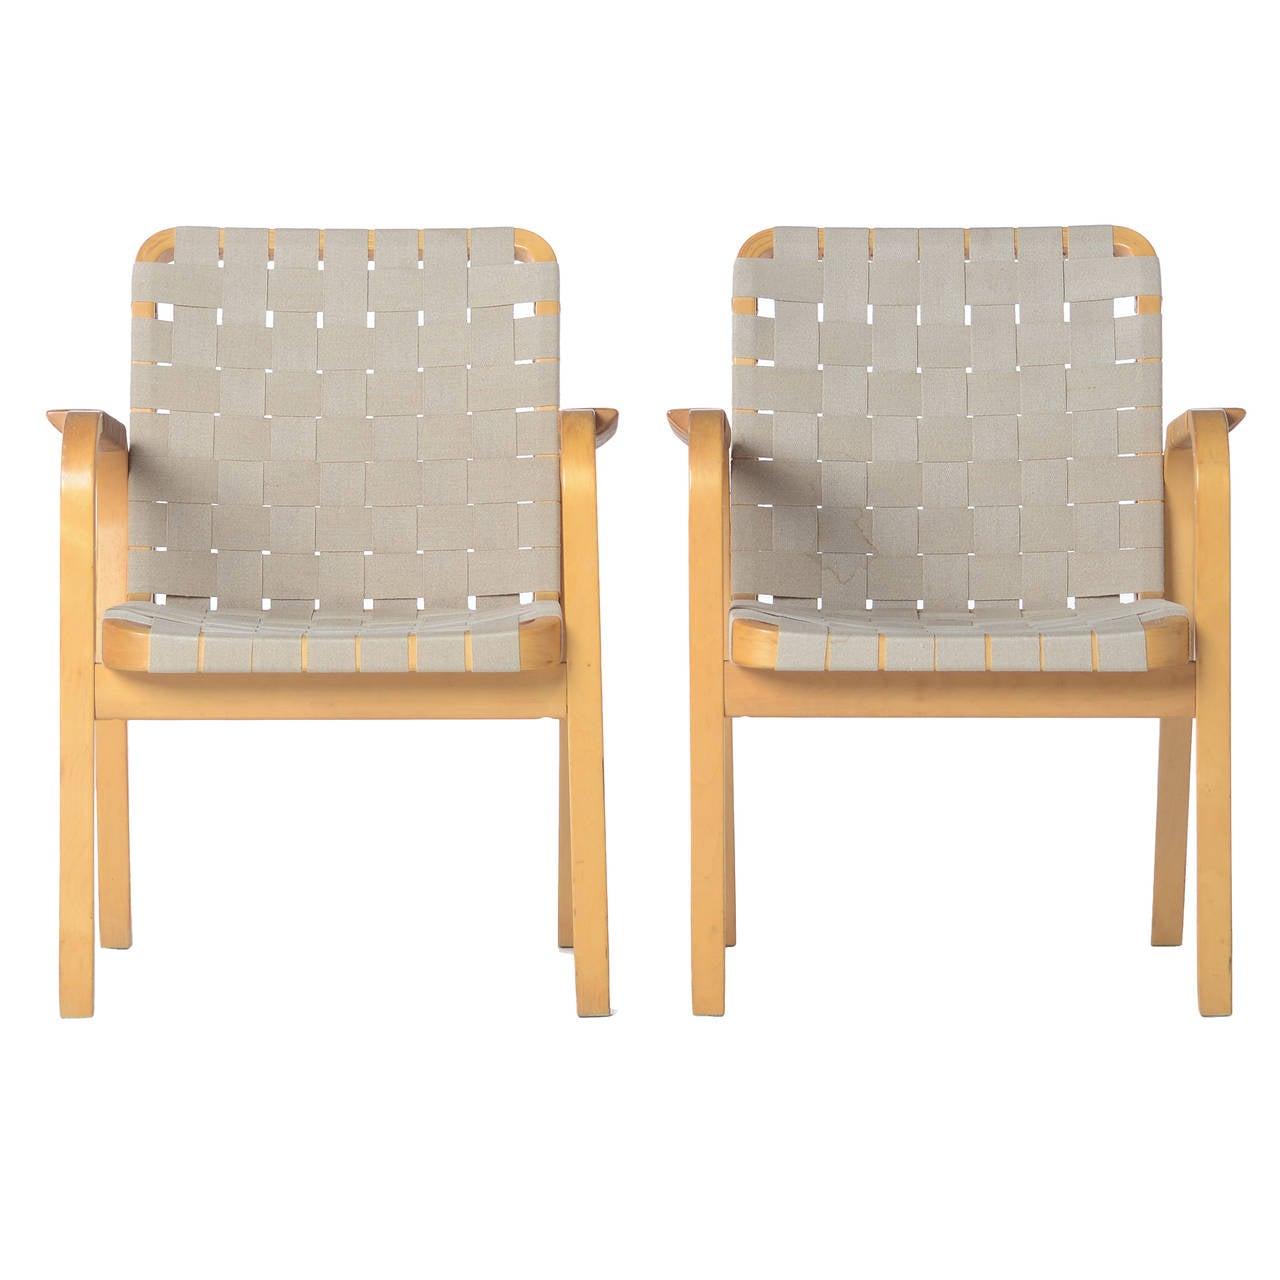 Bentwood chair modern - Mid Century Scandinavian Modern Bentwood Chairs By Alvar Aalto 1